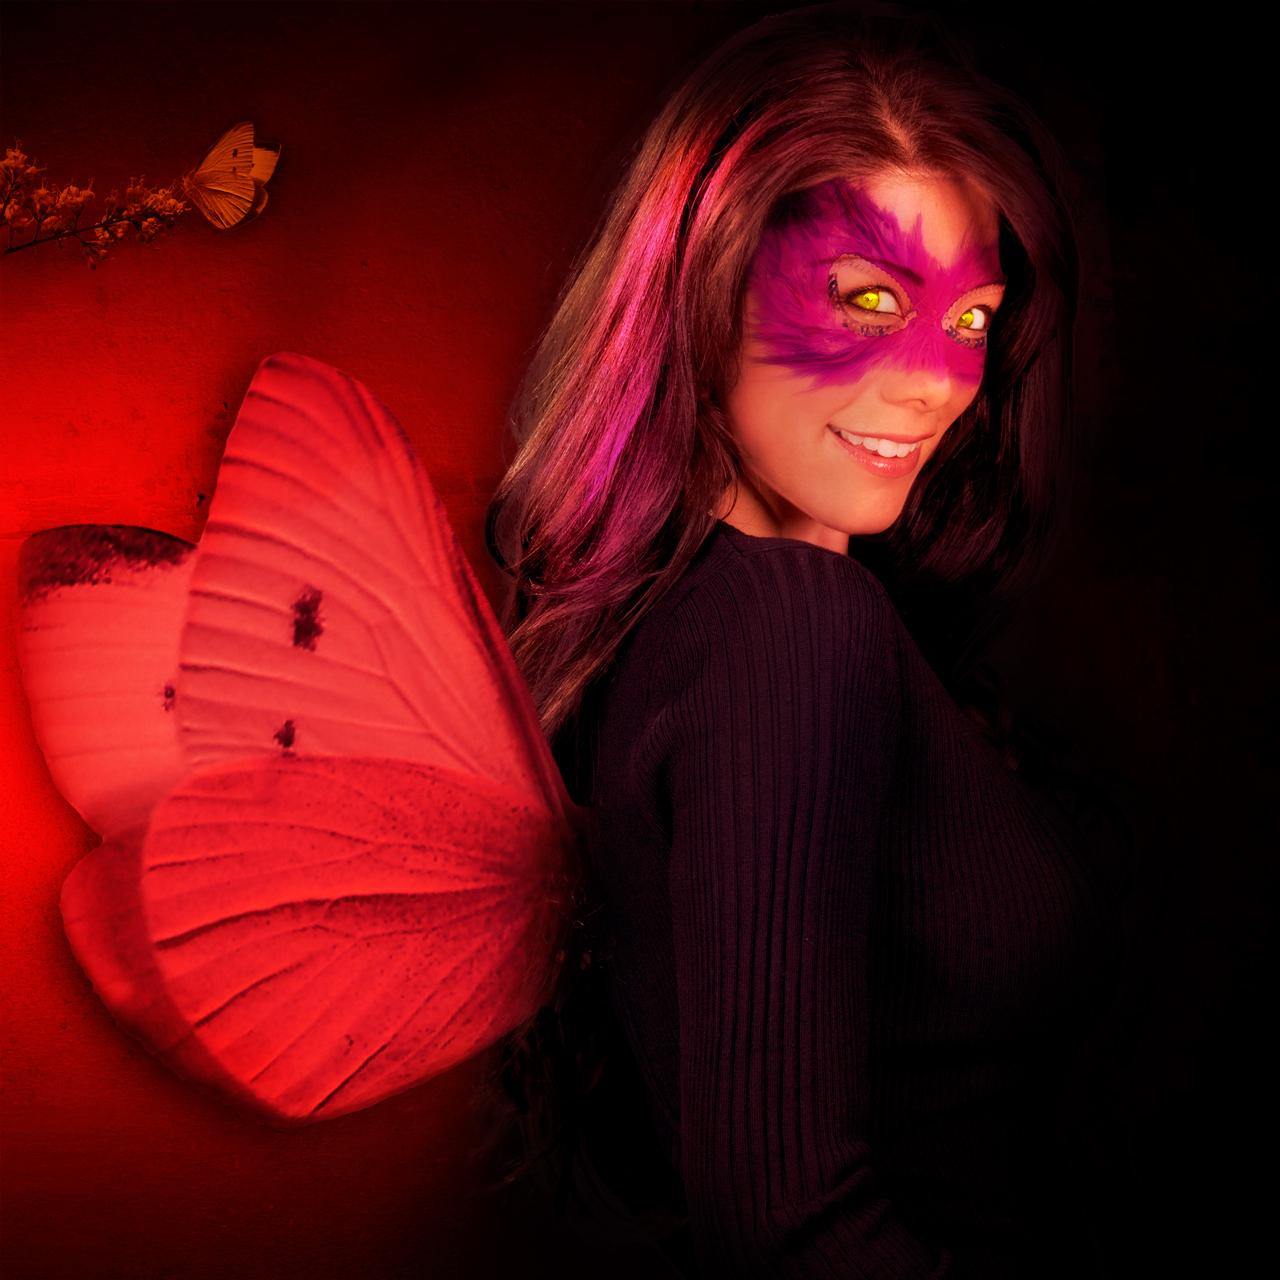 http://4.bp.blogspot.com/_MFbYhDRyhmo/TQzRmxBN5GI/AAAAAAAABYQ/8A5wC_uuje8/s1600/Fairy.jpg